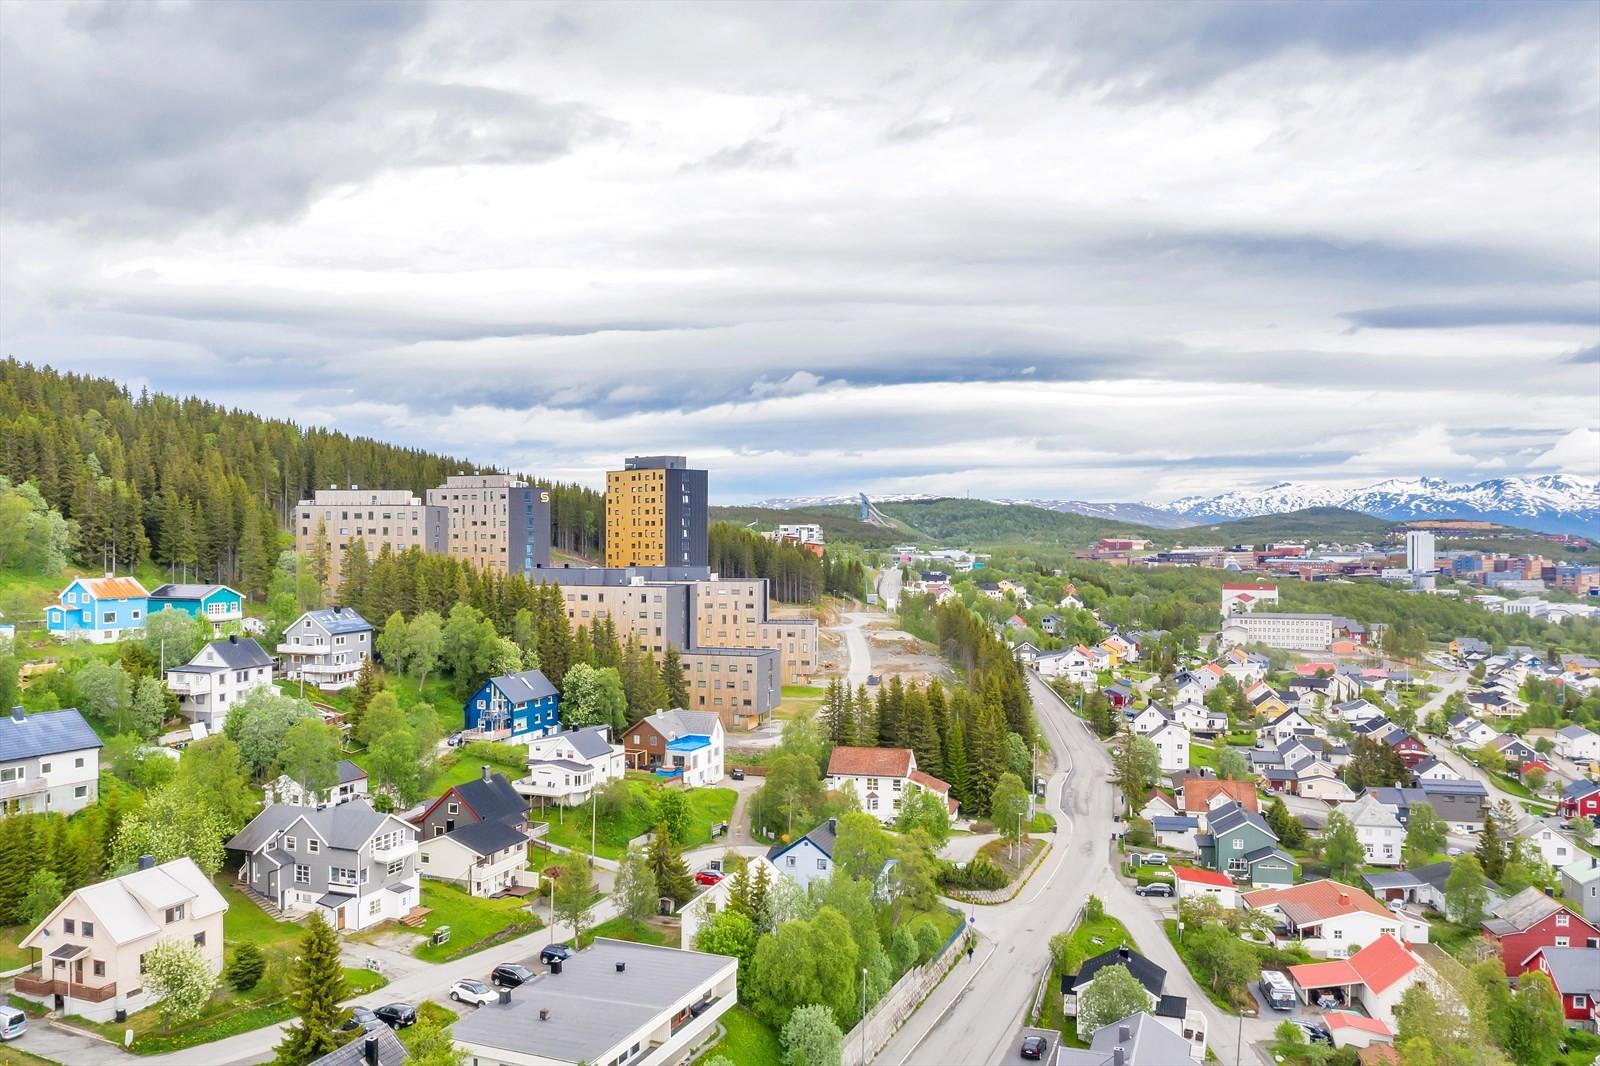 Universitetsområdet ses til høyre i bildet - Dramsvegen med bussforbindelse midt i bildet